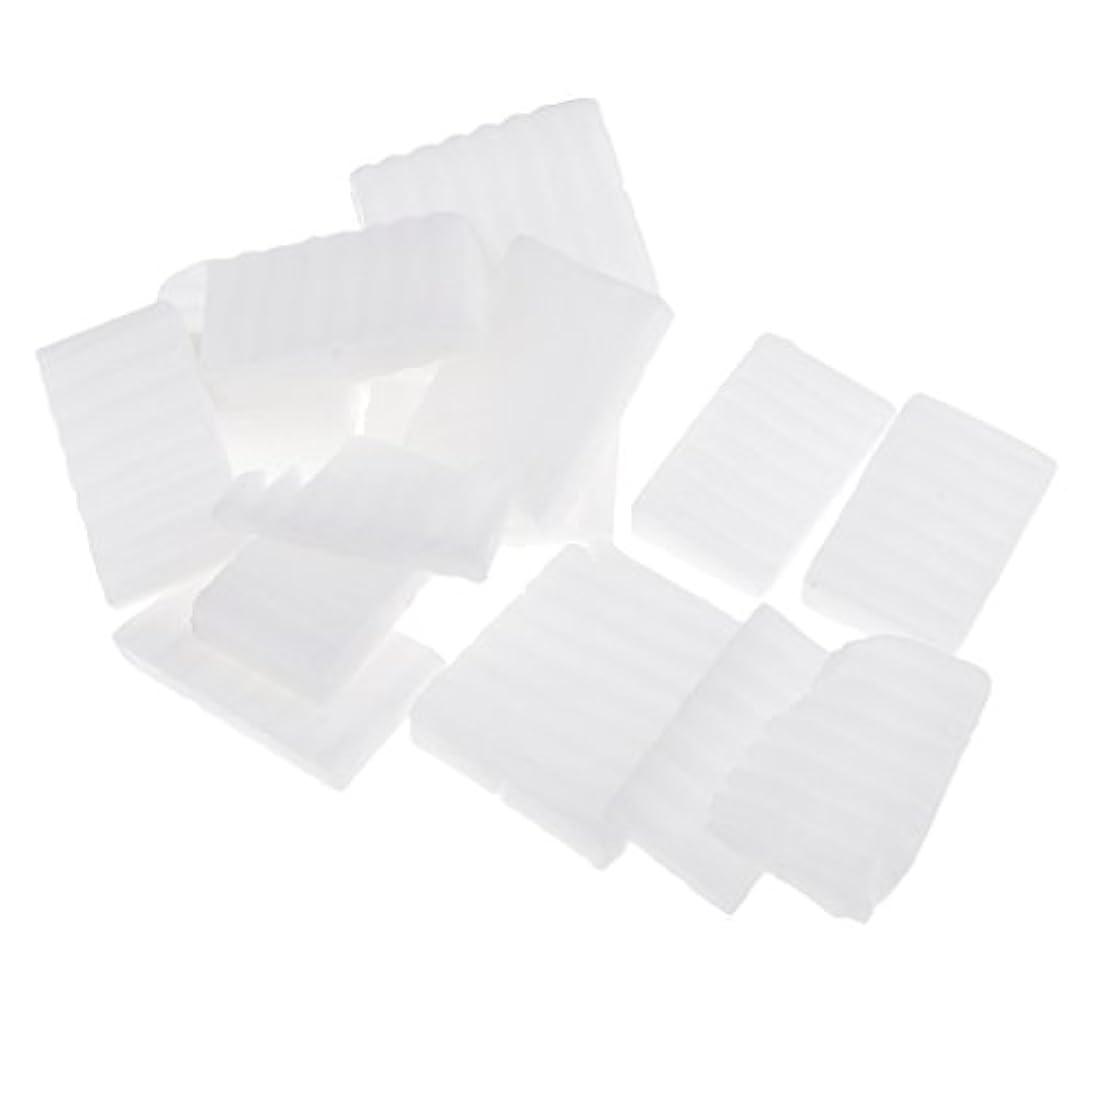 ラブ競合他社選手コンセンサスPerfk 白い 石鹸ベース DIY 手作り 石鹸 材料 約500g 手作り 石鹸のため